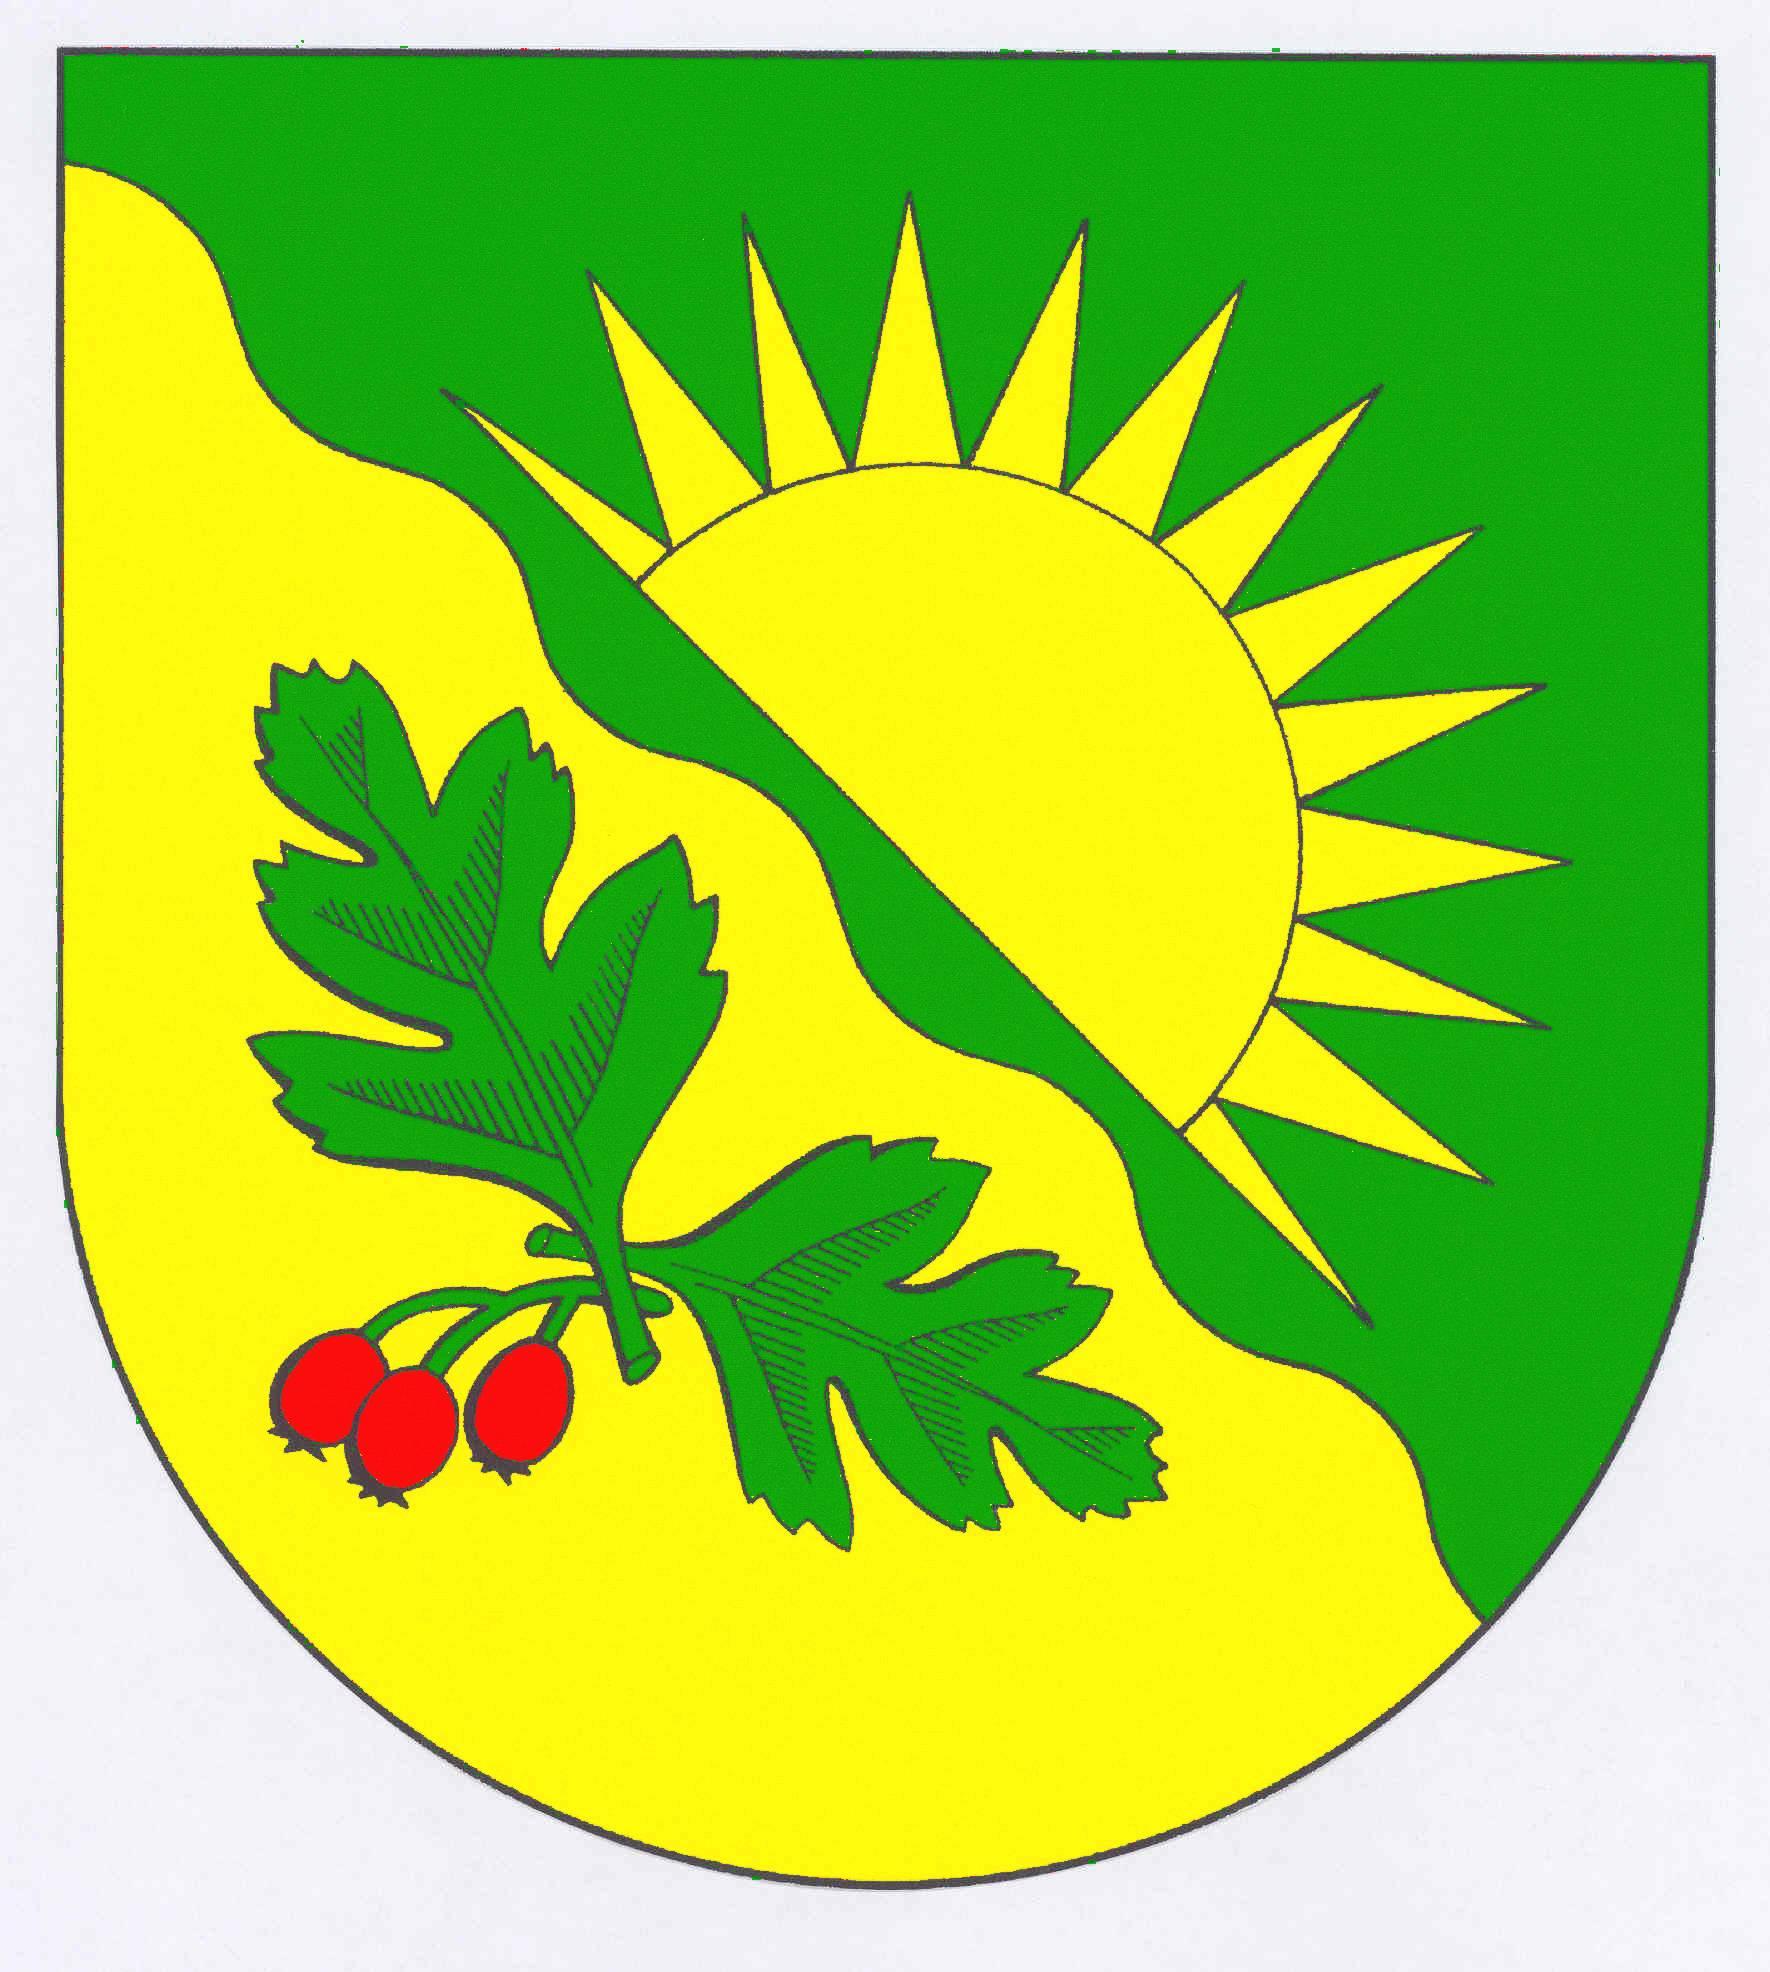 Wappen GemeindeOsterstedt, Kreis Rendsburg-Eckernförde